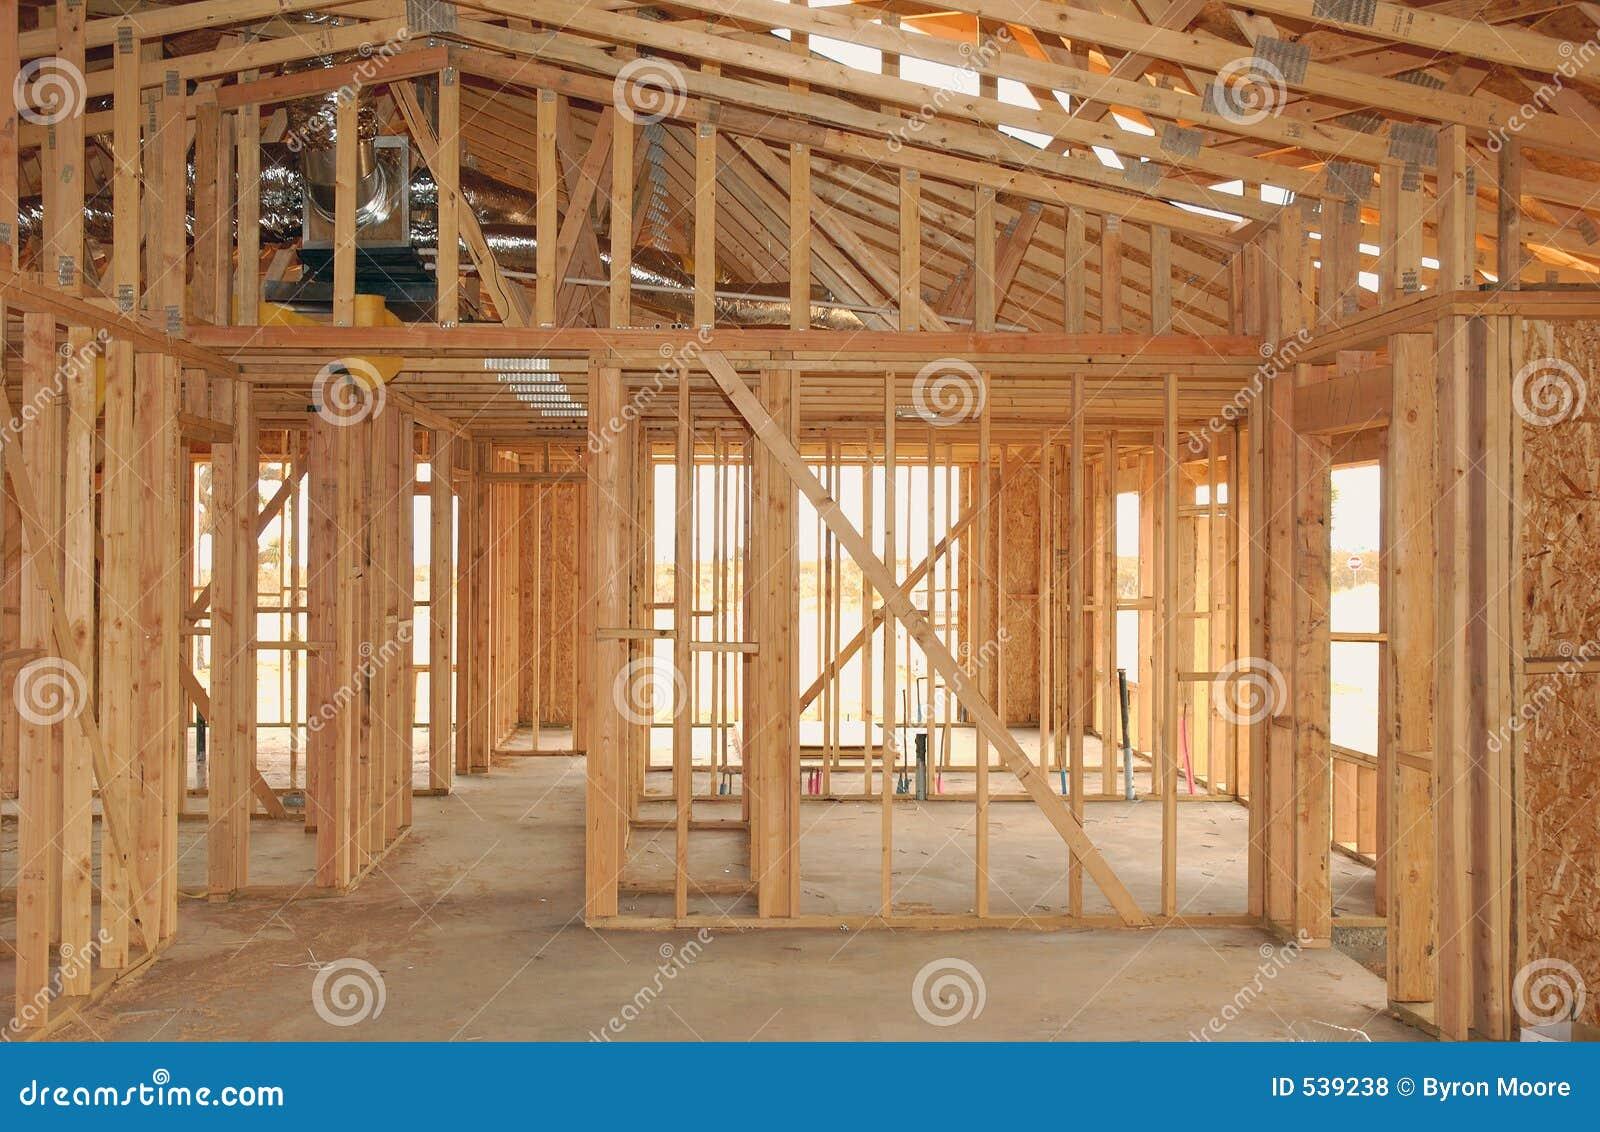 Download 房子 库存照片. 图片 包括有 图纸, 挖掘, 地球, 布哈拉, 租赁资产, 日程表, 制造, 邻里, 合同 - 539238